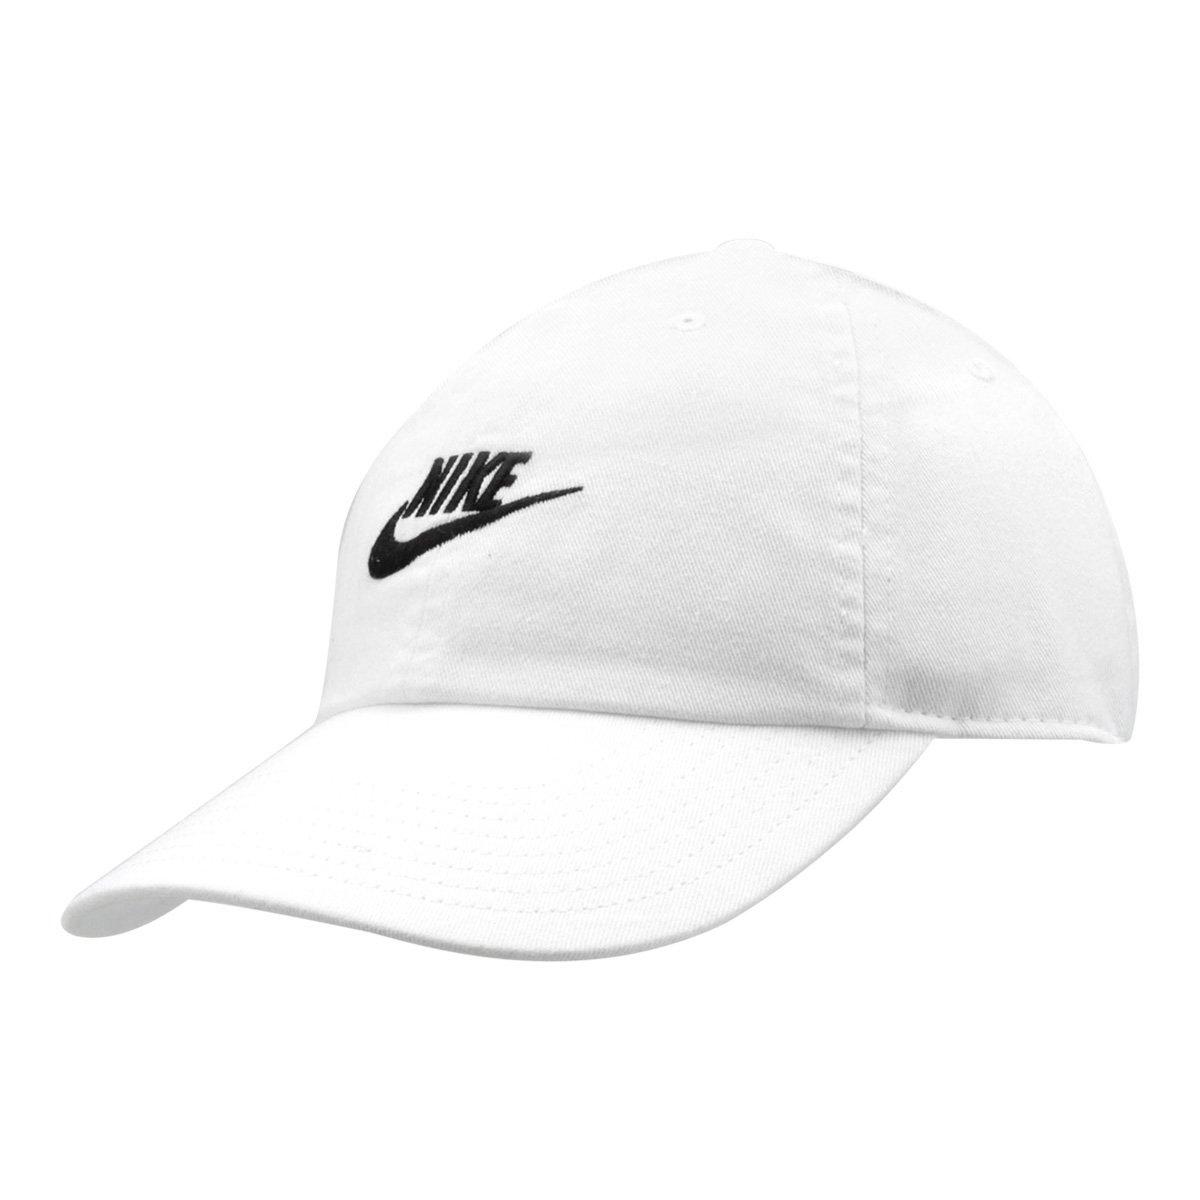 Boné Nike Aba Curva U Nsw H86 Futura Washed - Branco e Preto - Compre Agora   147dadd16c758